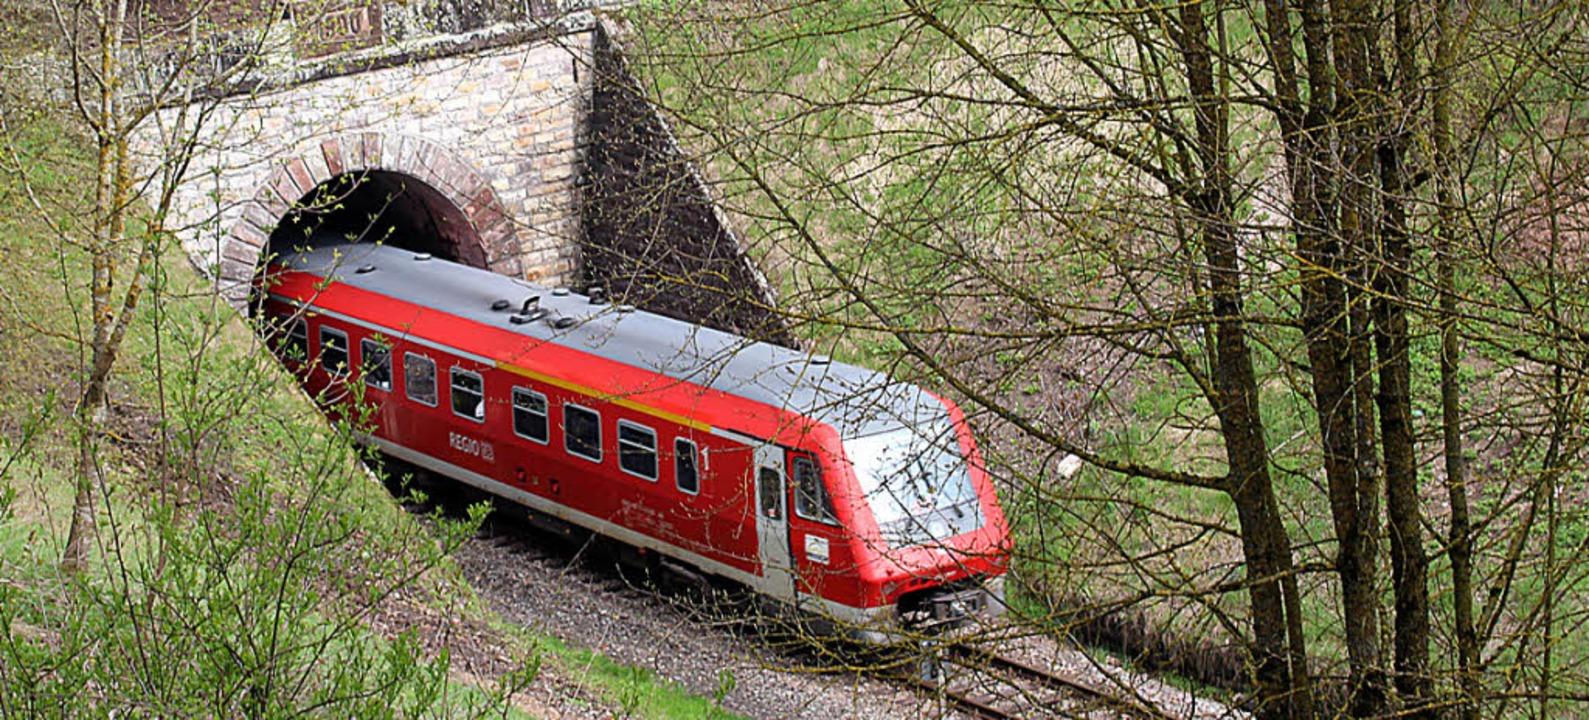 Noch fahren Dieselloks auf der Strecke...ll sich mit dem Ausbaukonzept ändern.   | Foto: Maier